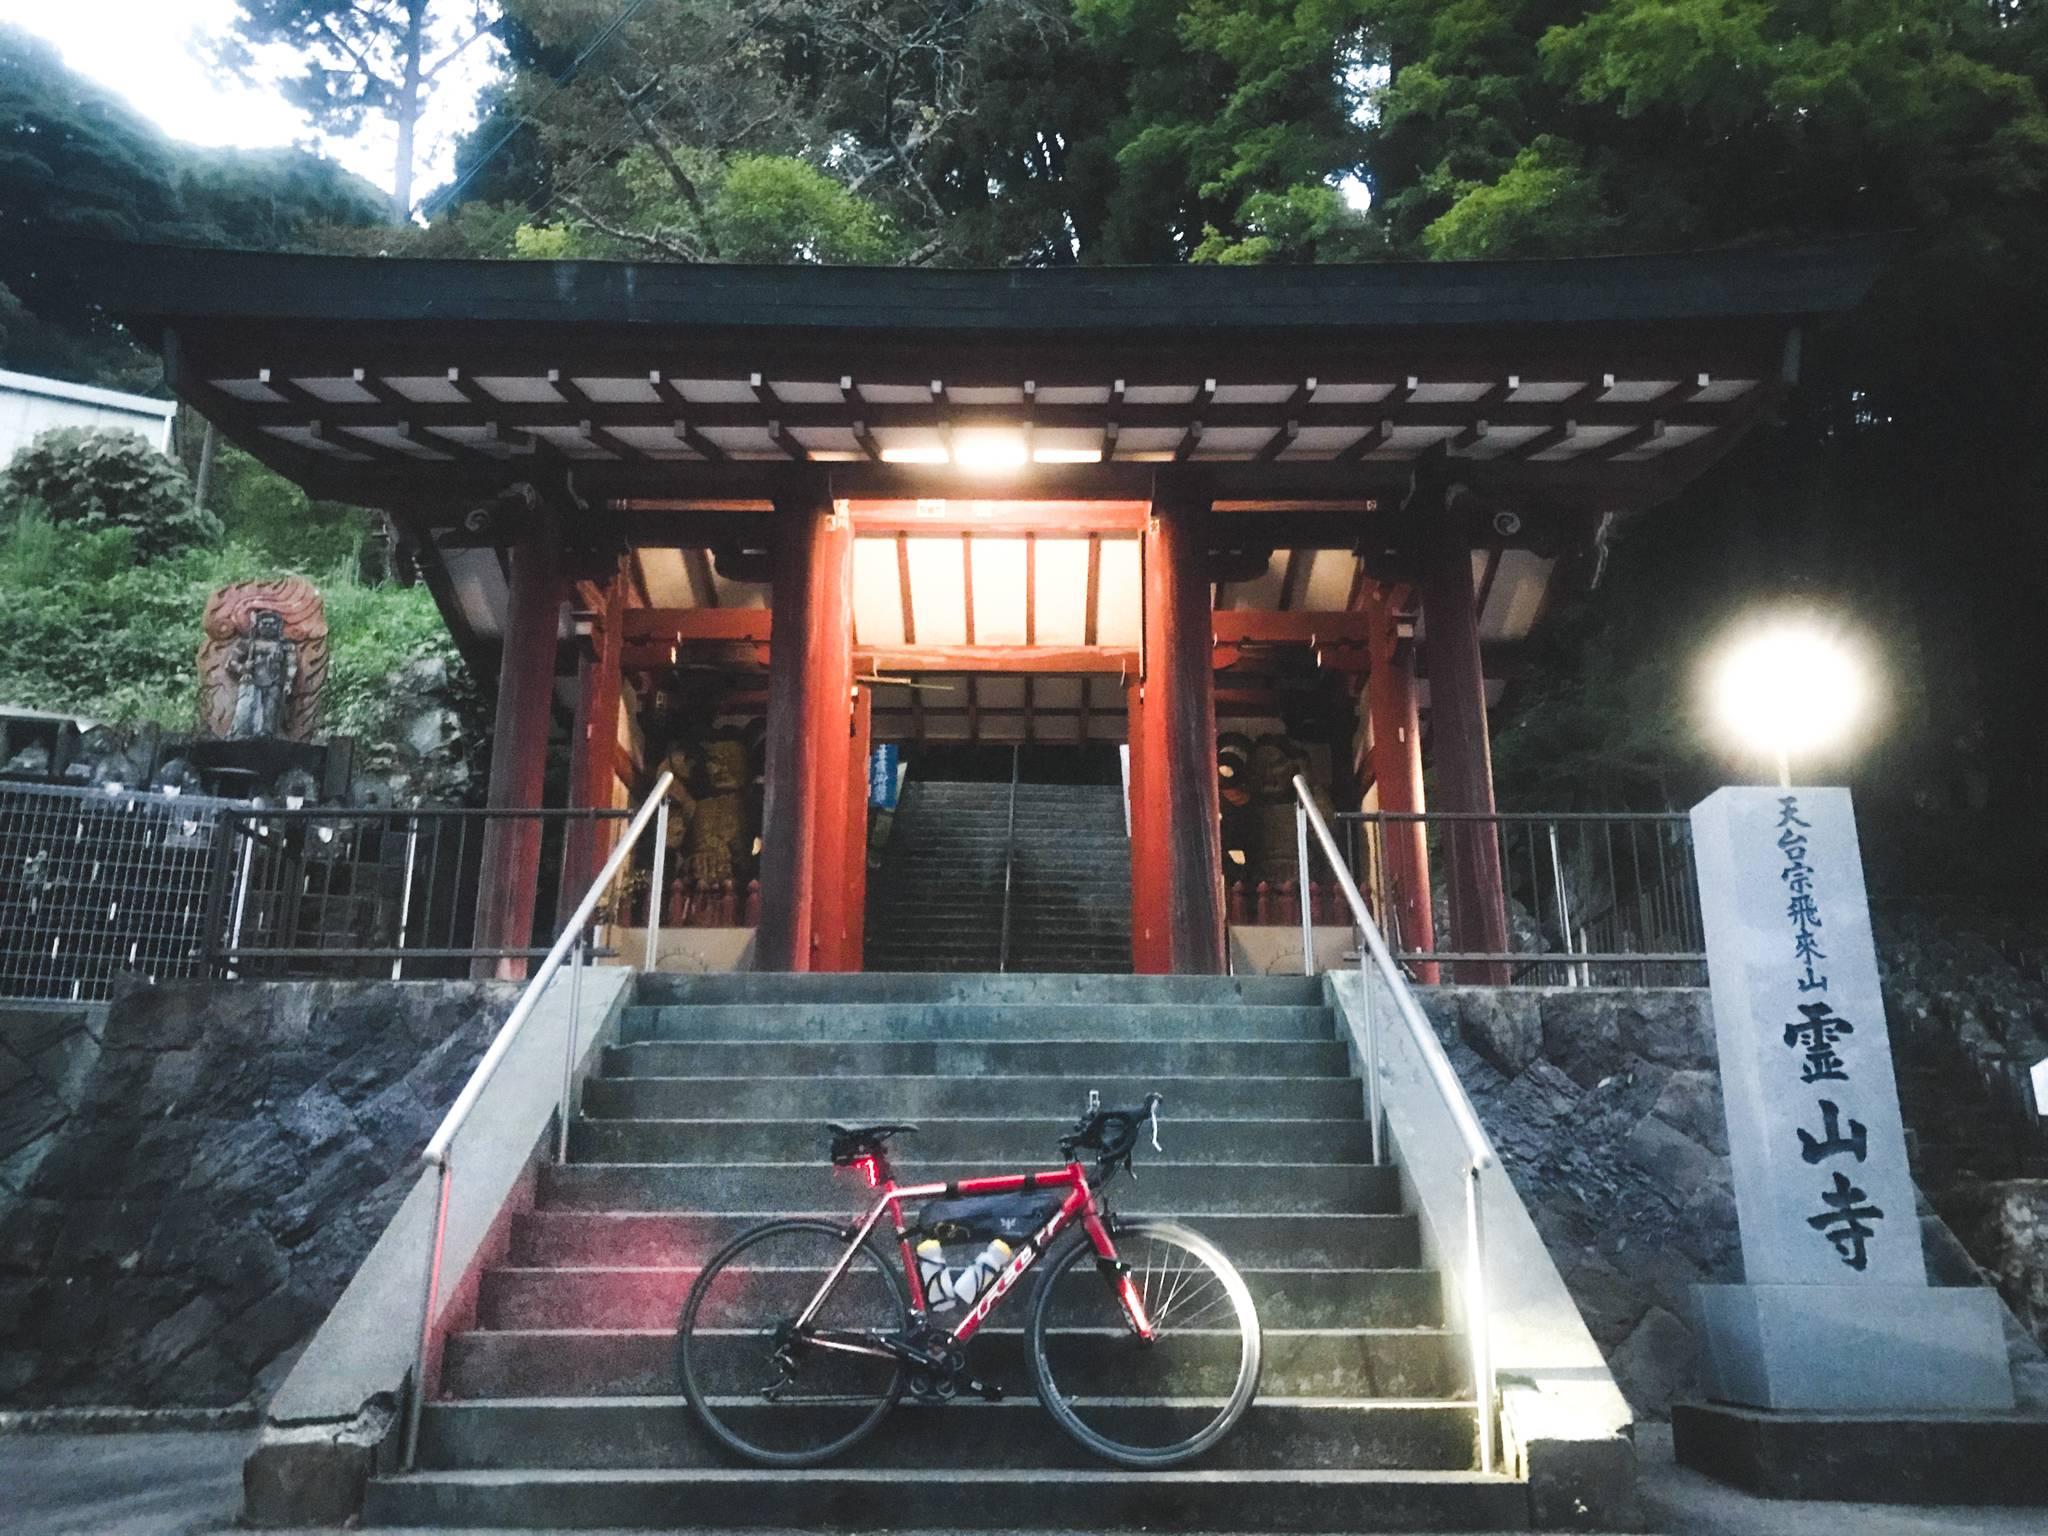 @chriskamata, Ryozen-ji, Japan